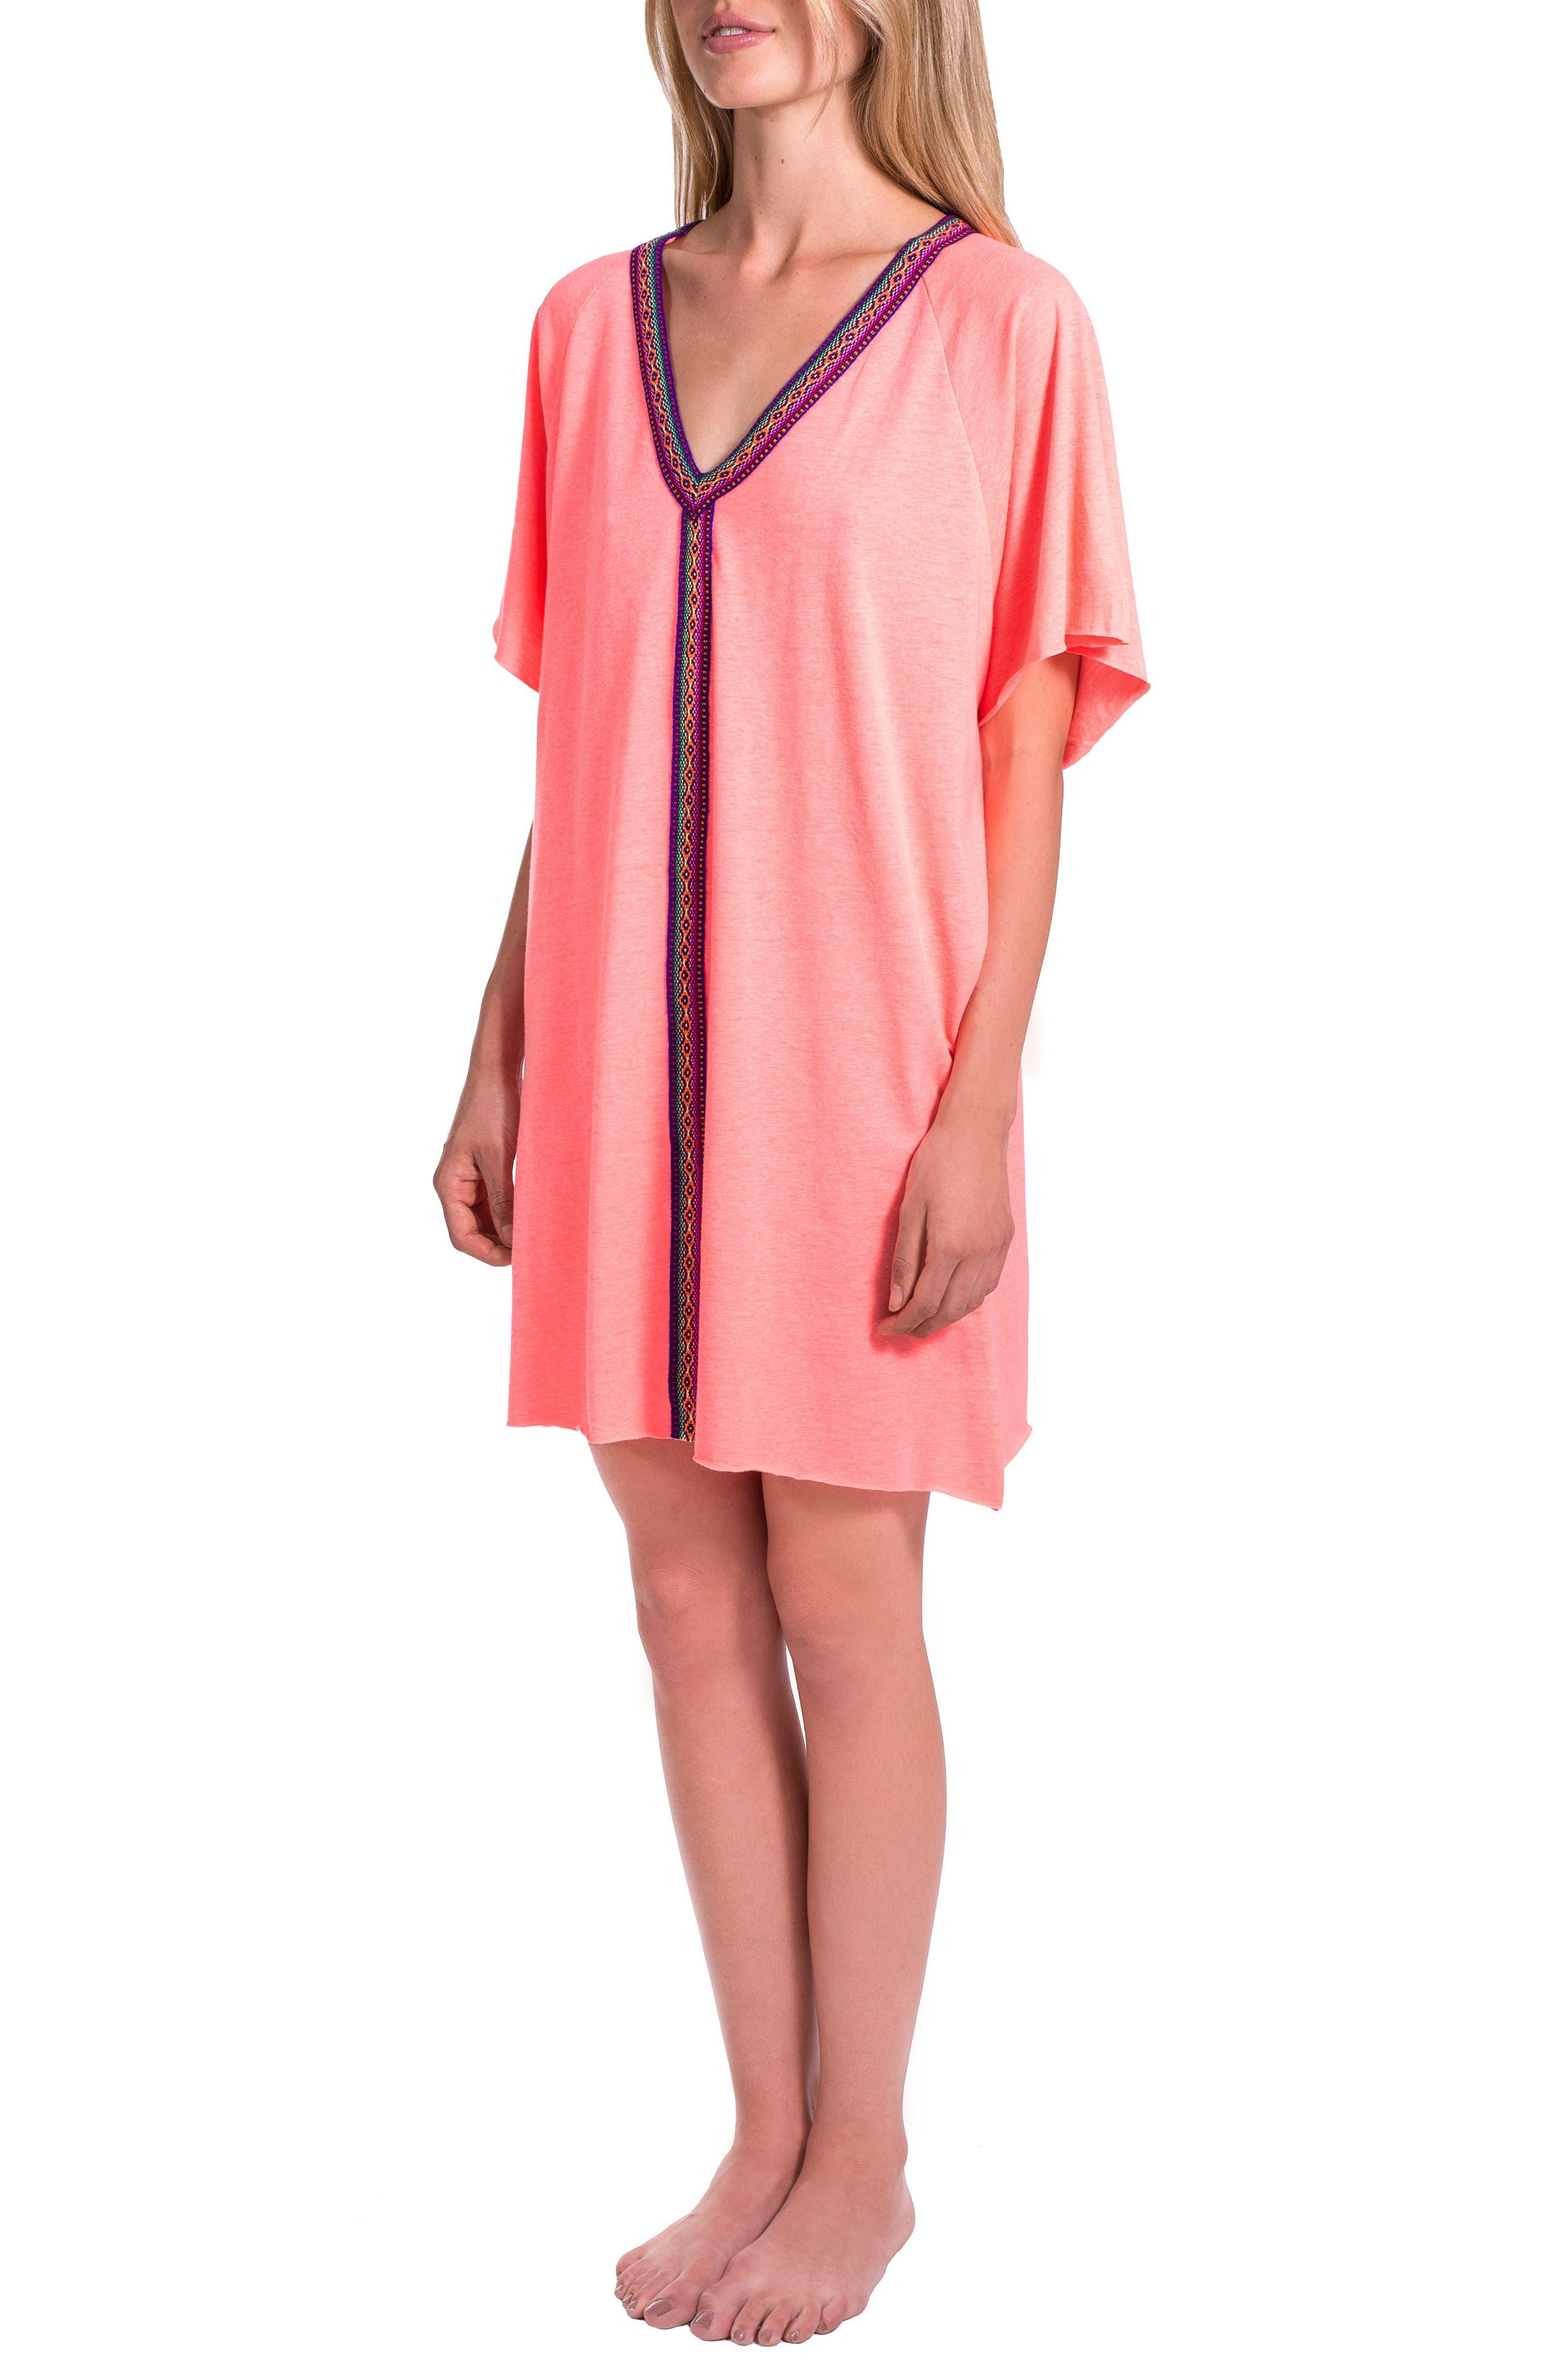 PITUSA Abaya Cover-Up Minidress